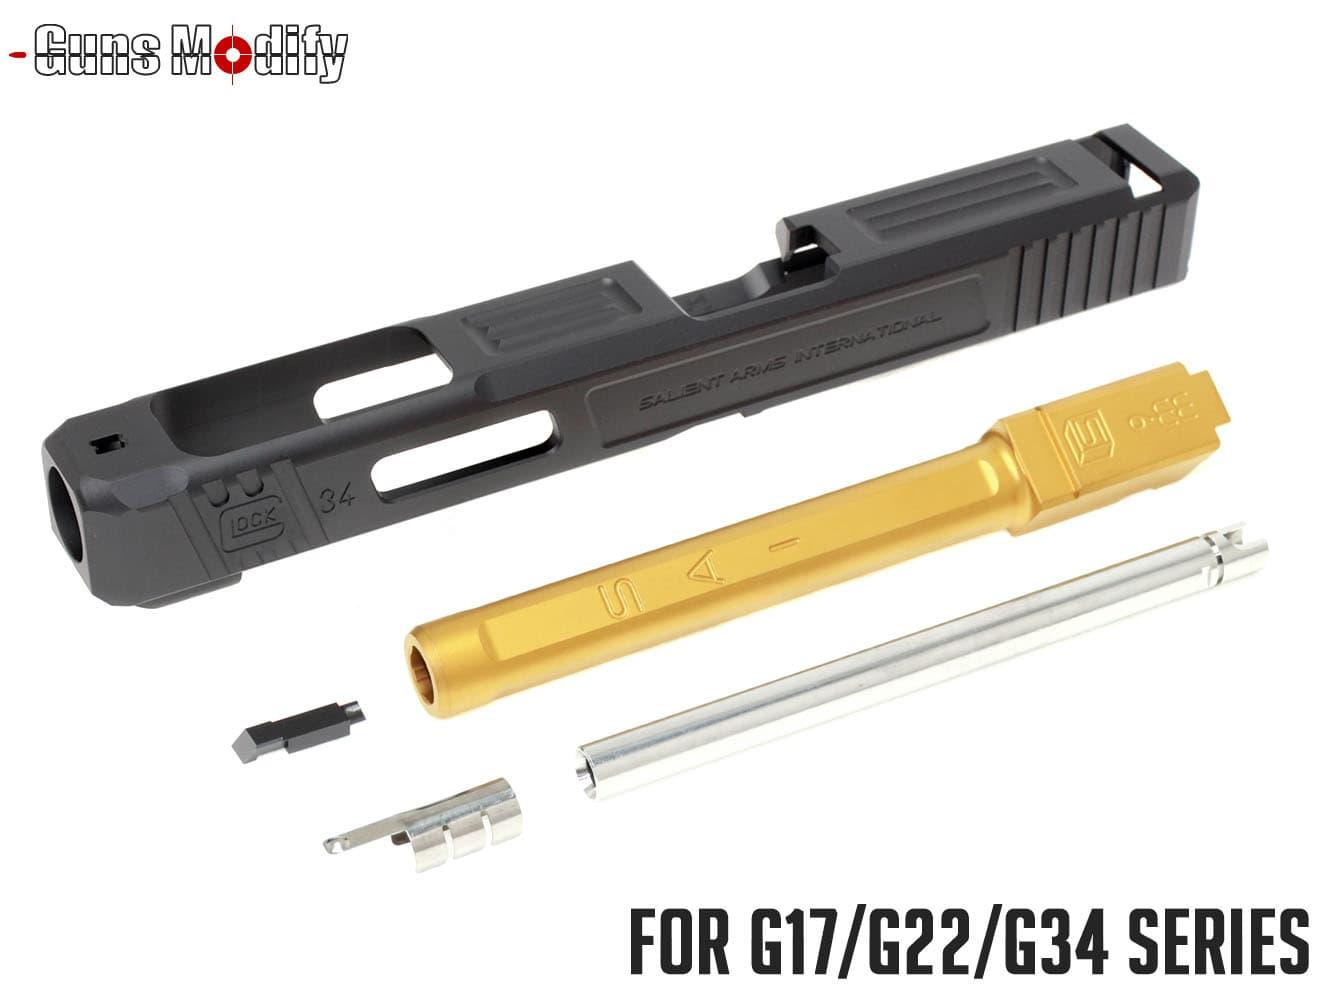 Guns Modify G34 SA CNC Tier 1 アルミスライド&ステンレス ボックスフルート アウターバレルセット◆マルイ G17/G22/G34対応 SAIタイプ